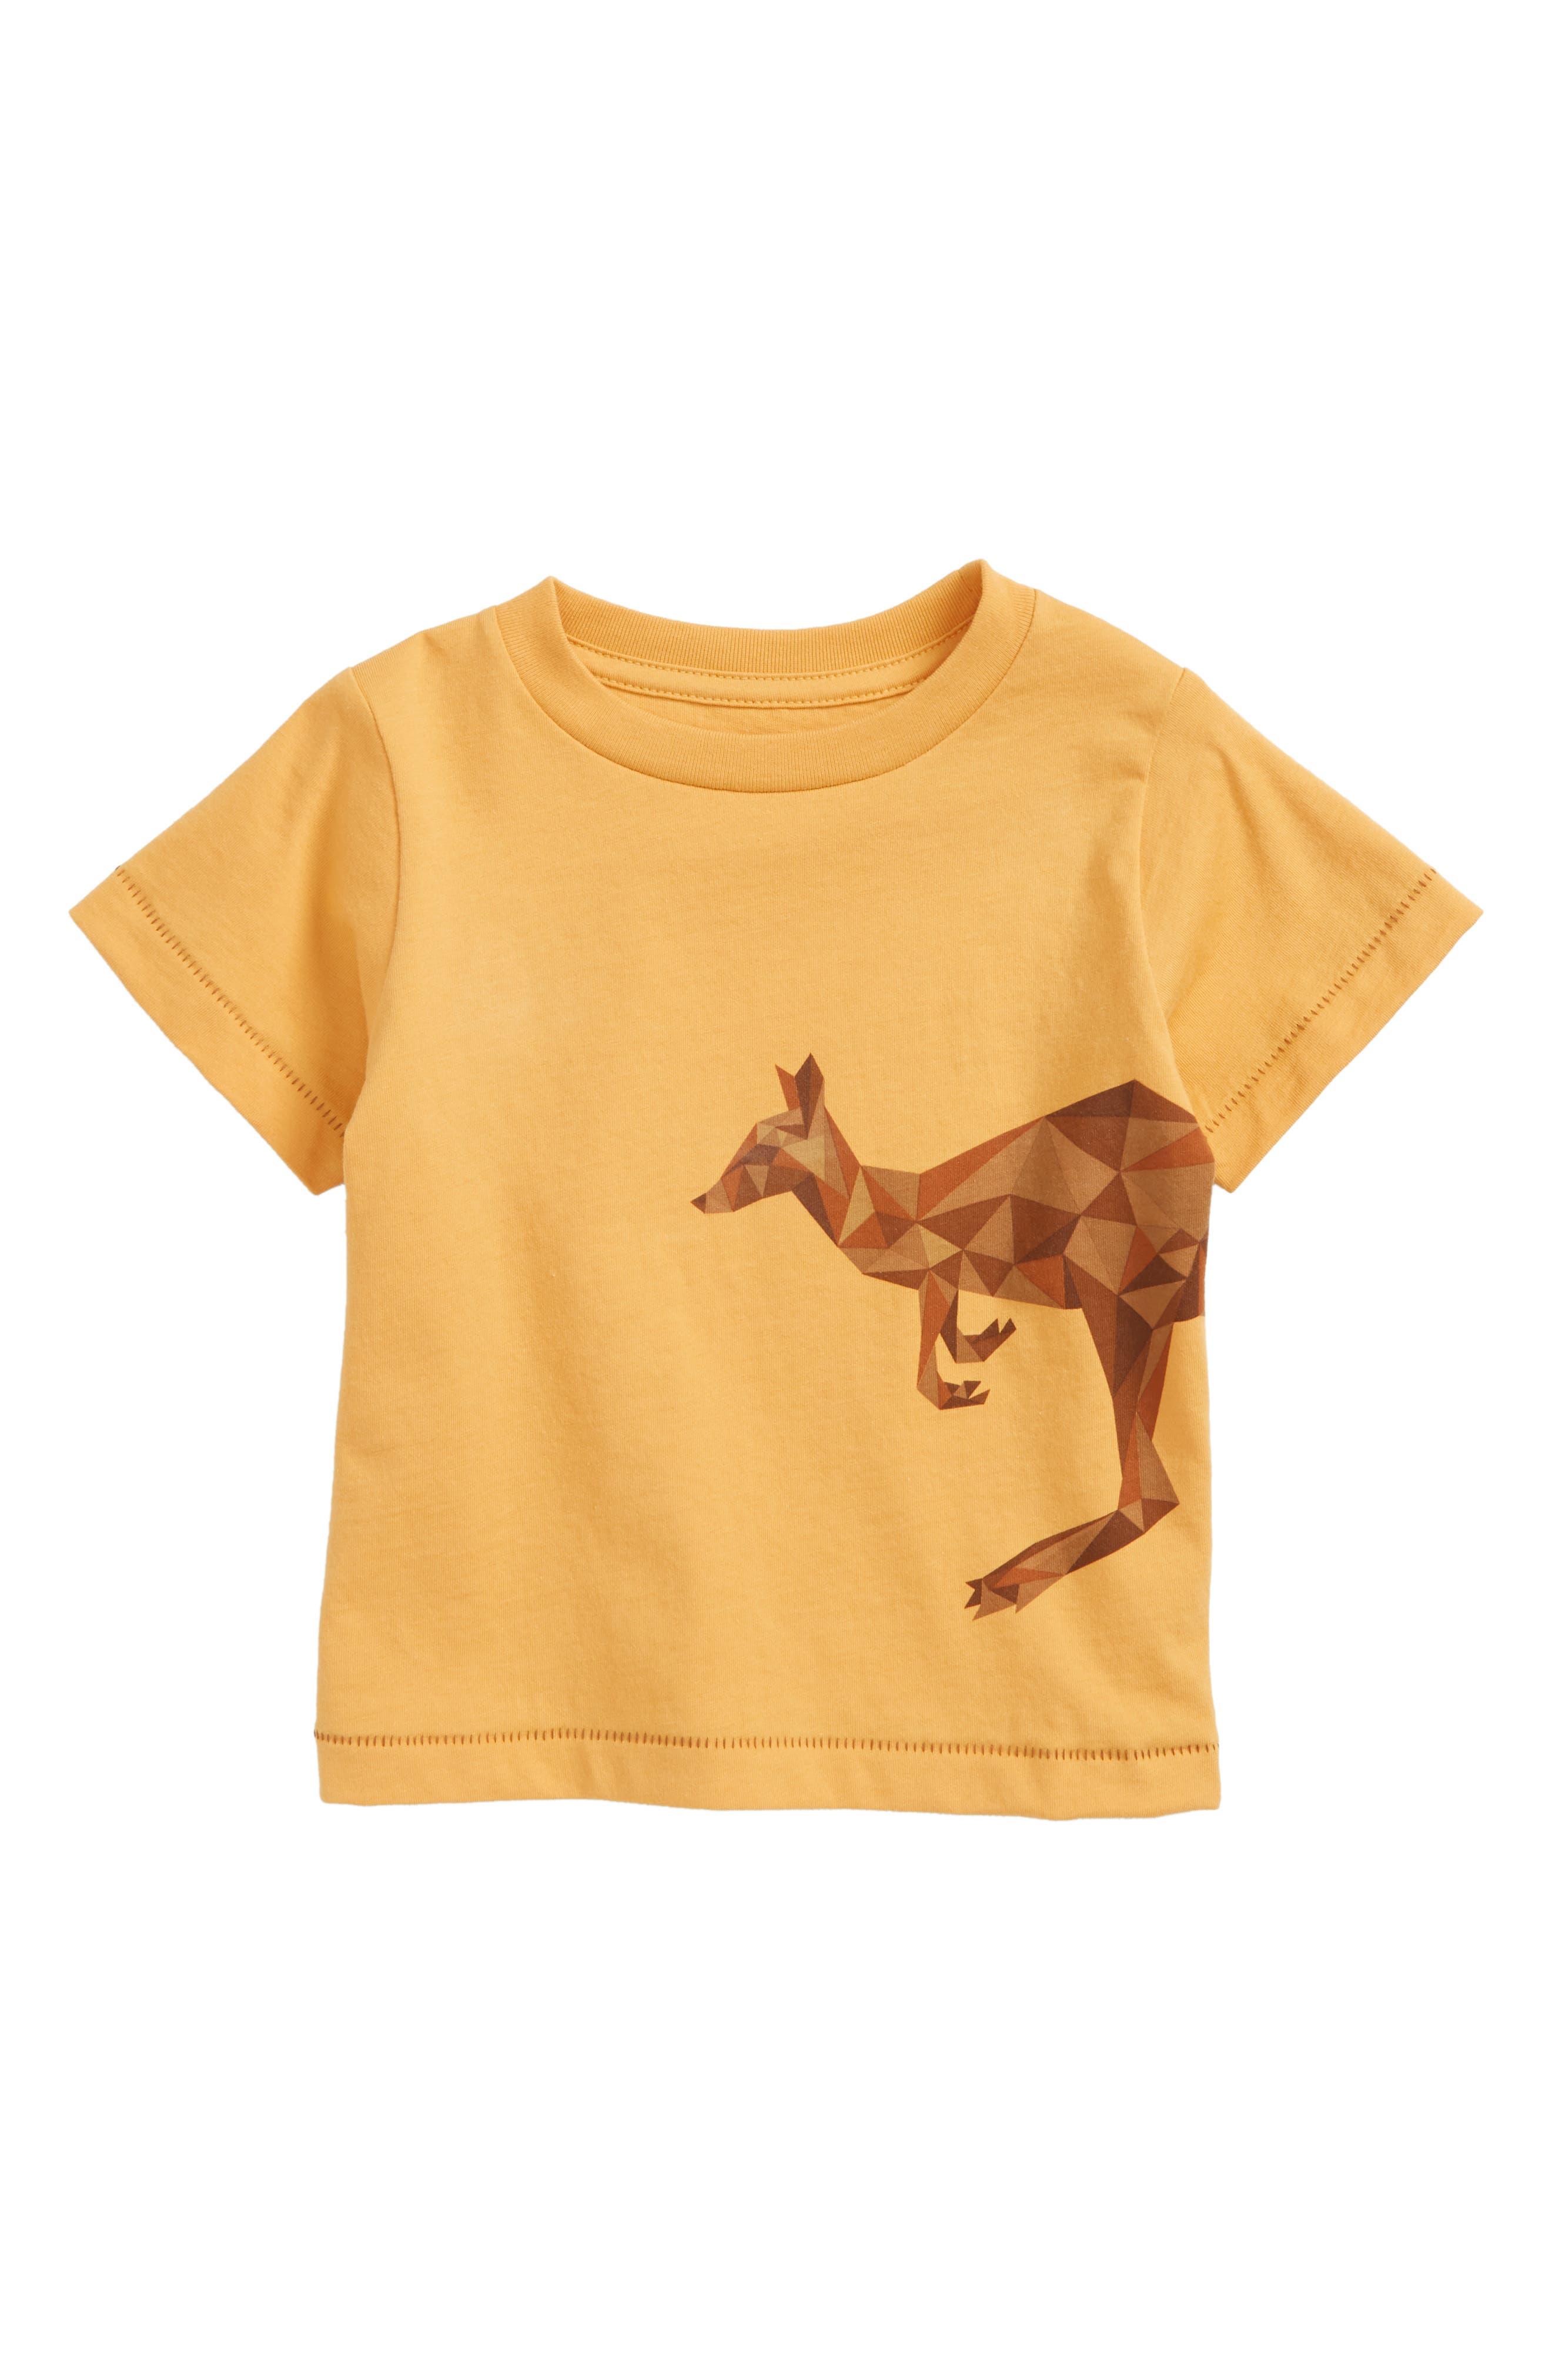 Alternate Image 1 Selected - Peek Kangaroo Graphic T-Shirt (Baby Boys)